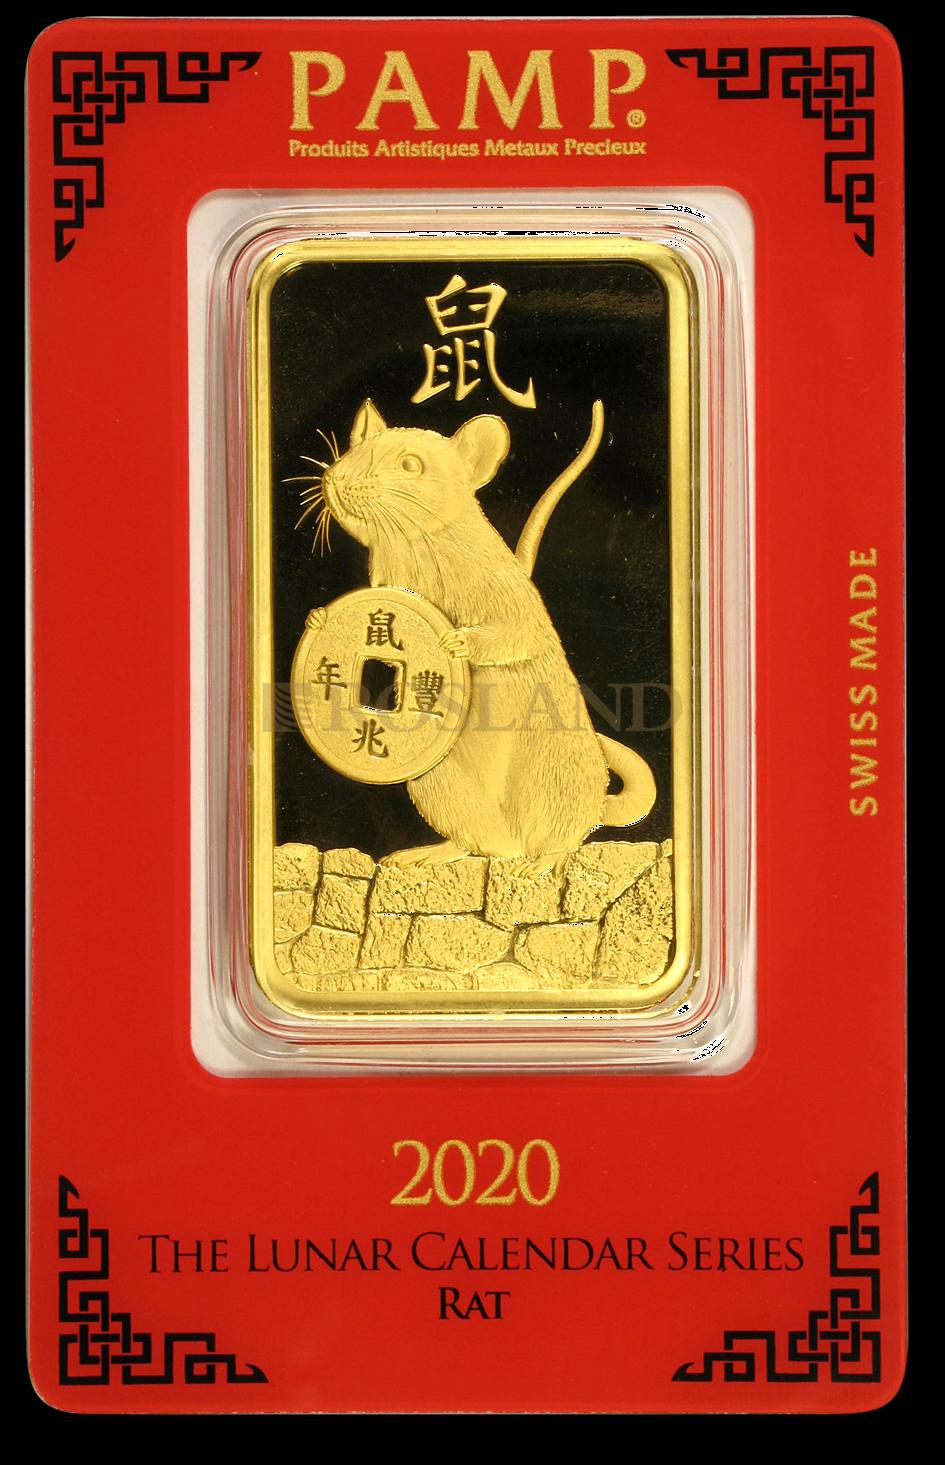 100 Gramm Goldbarren PAMP Lunar Jahr der Ratte 2020